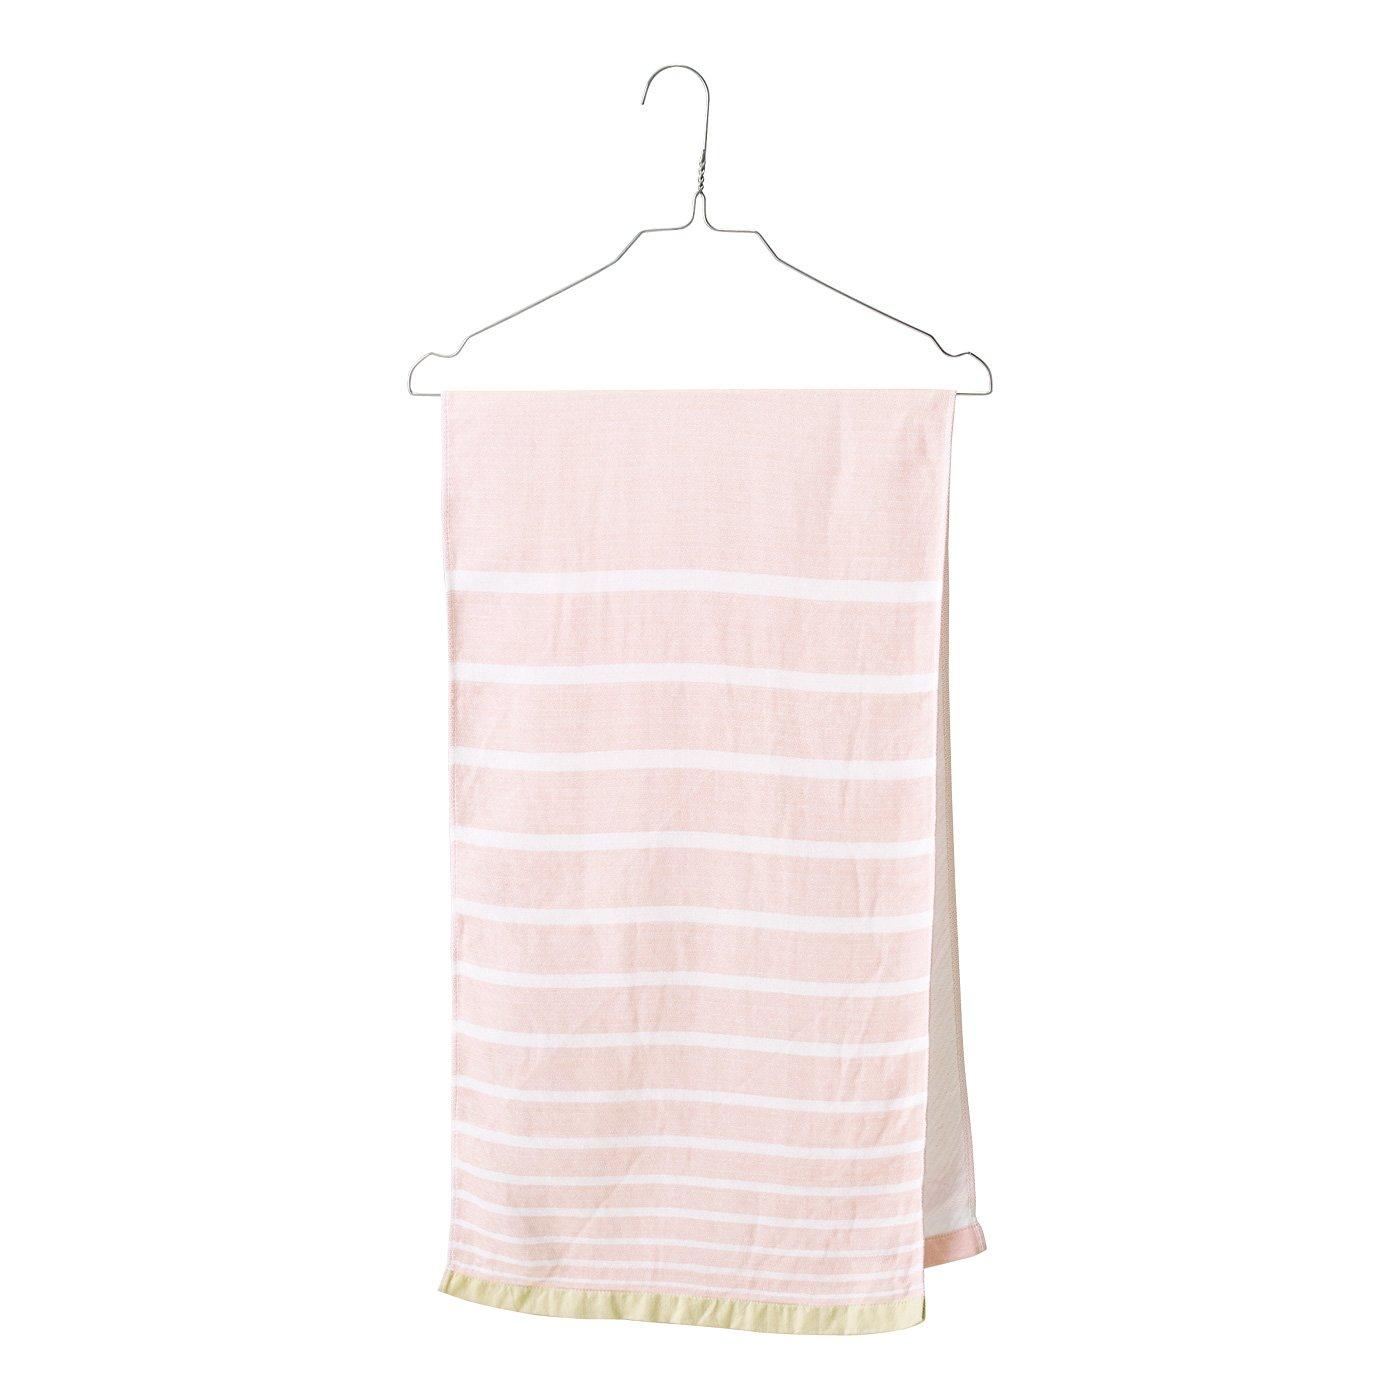 サンクチュアリ 綿100%無撚糸ガーゼに包まれる ハンガー幅に干せるバスタオルの会